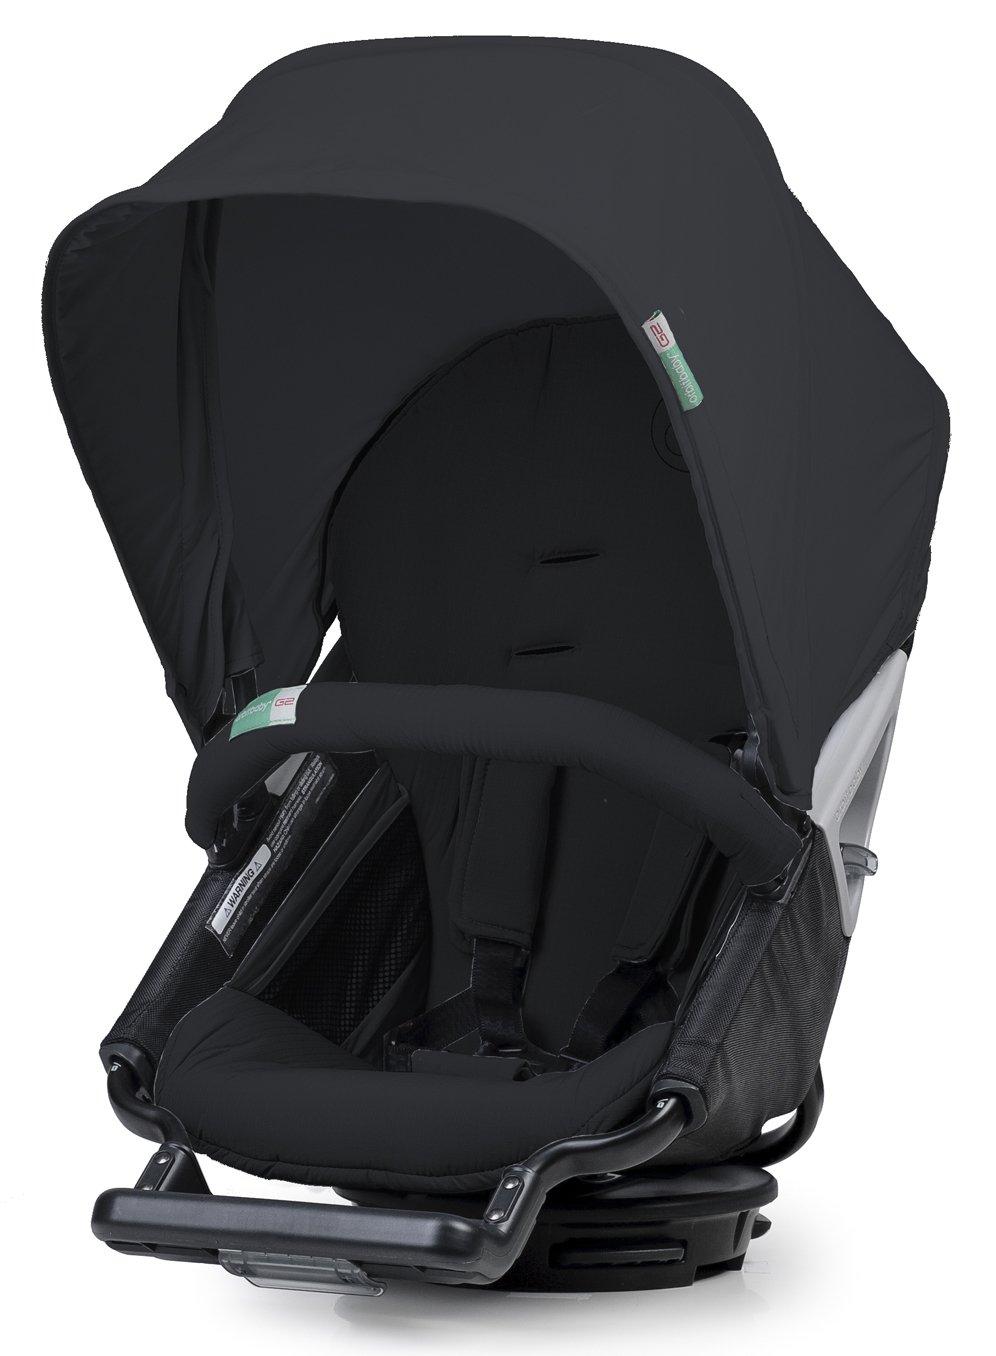 Orbit Baby 710000B - Funda y capota para cochecito de paseo, color negro ORB710000B